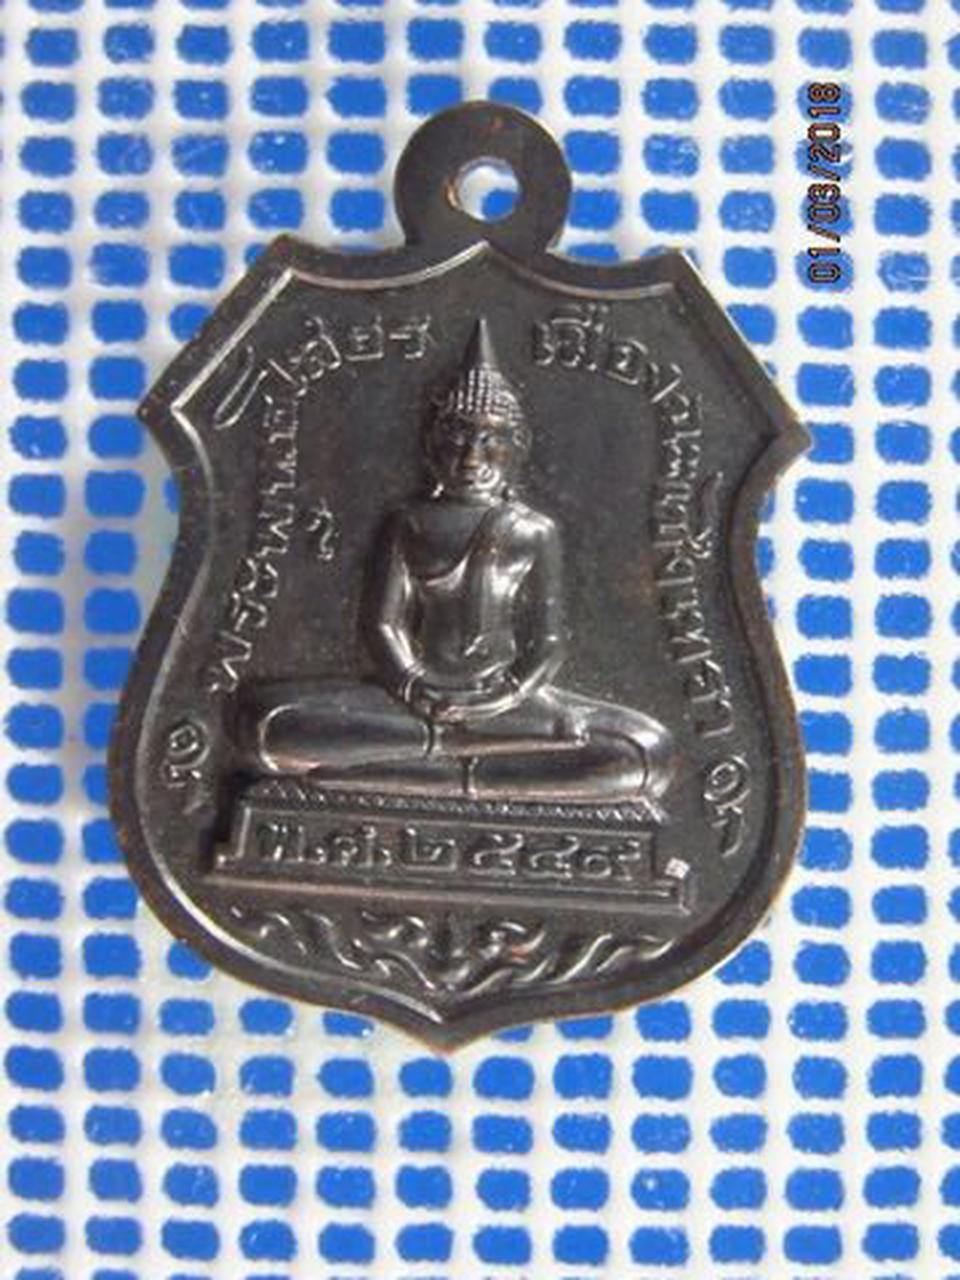 5122 เหรียญ ลพ โสธร วัดโสธร ปี 2549 ที่ระลึกงานผูกพัทธสีมา ฝ รูปที่ 3